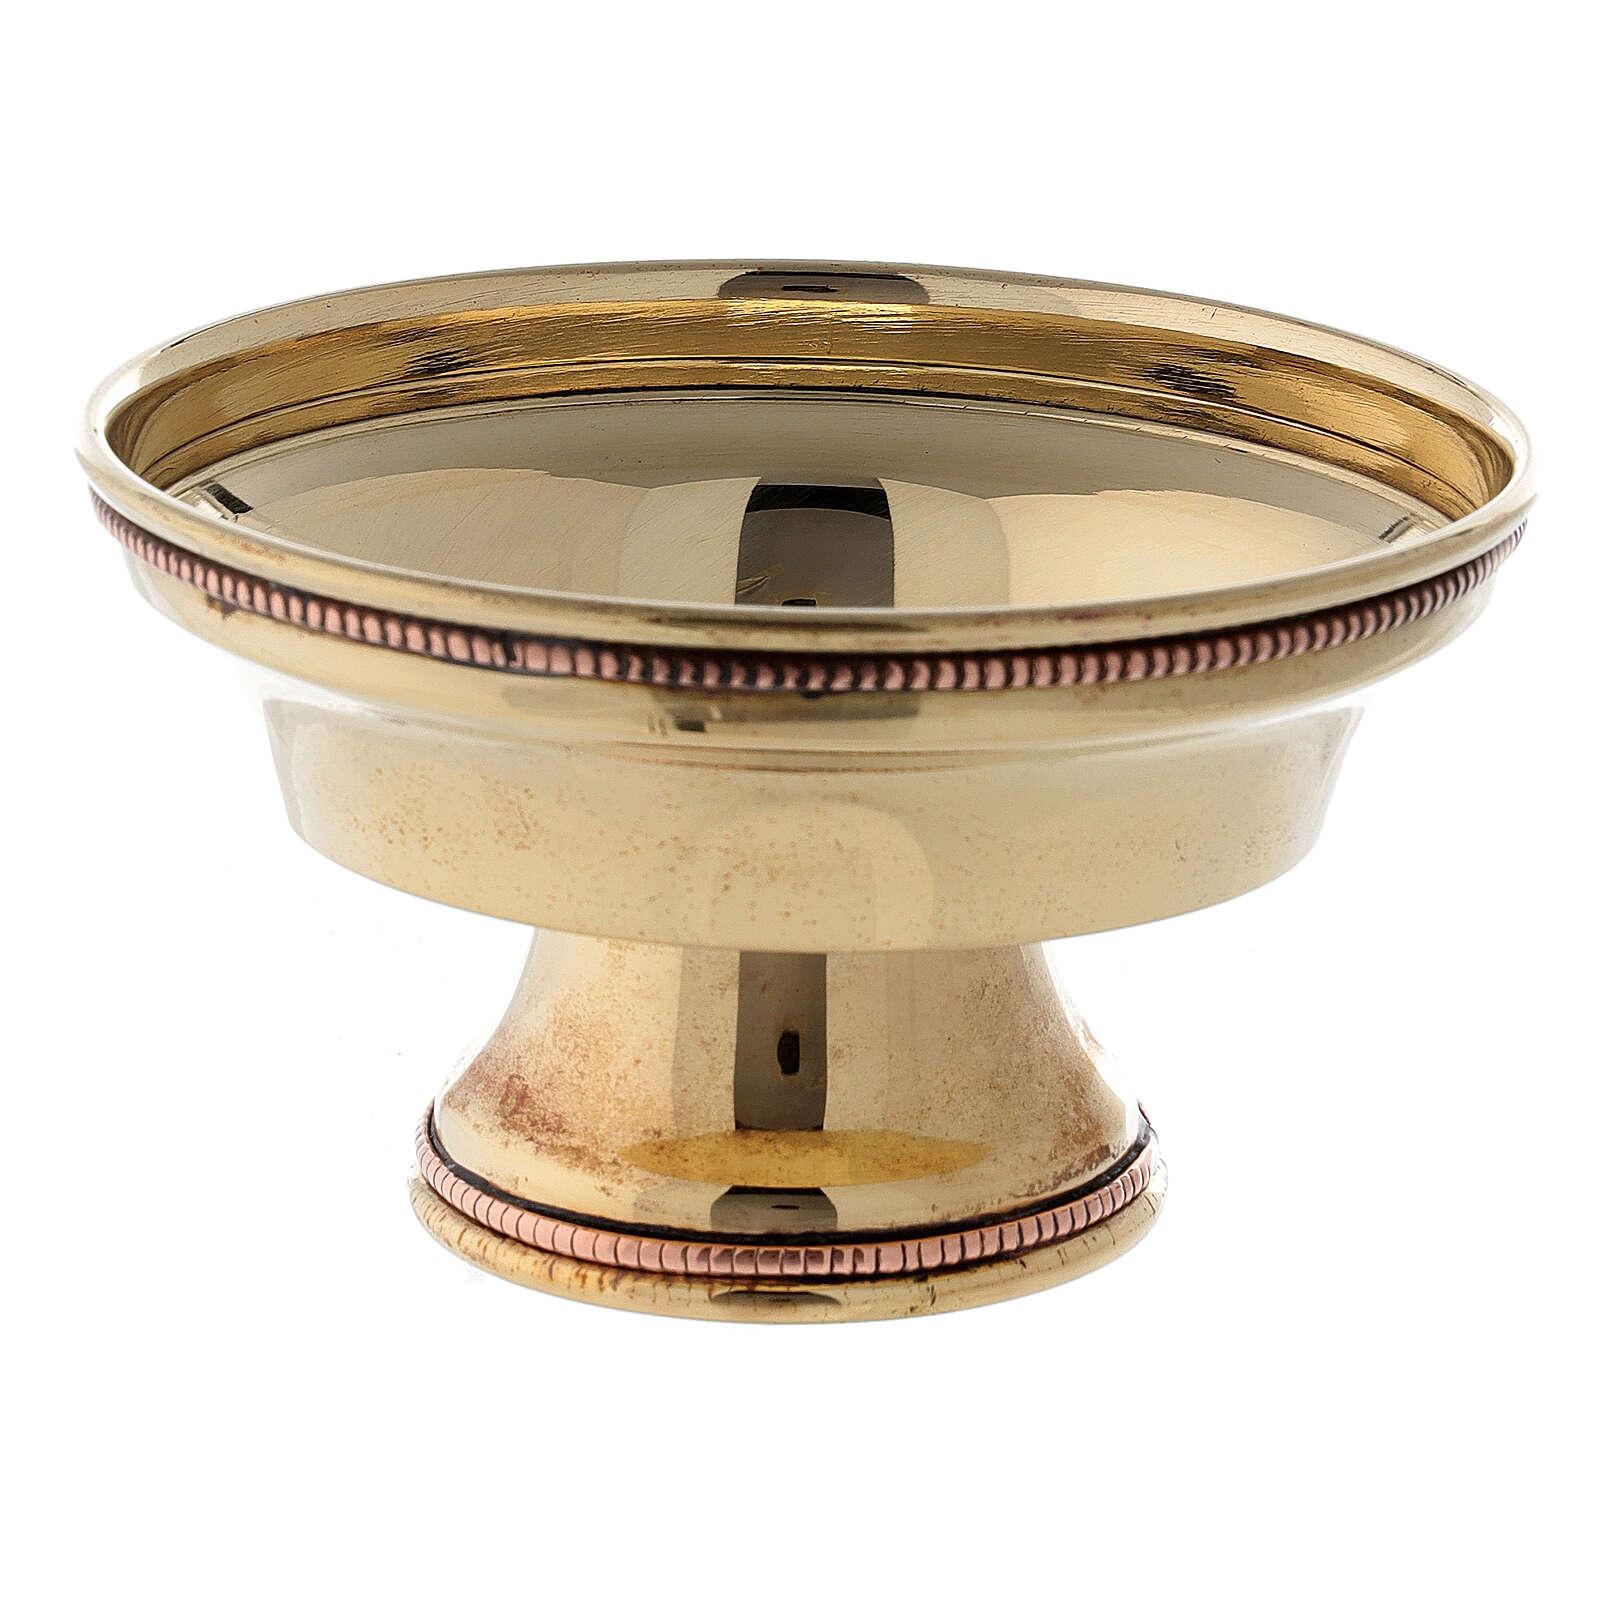 Coppa bruciaincenso ottone dorato bordo perlato 10 cm 3